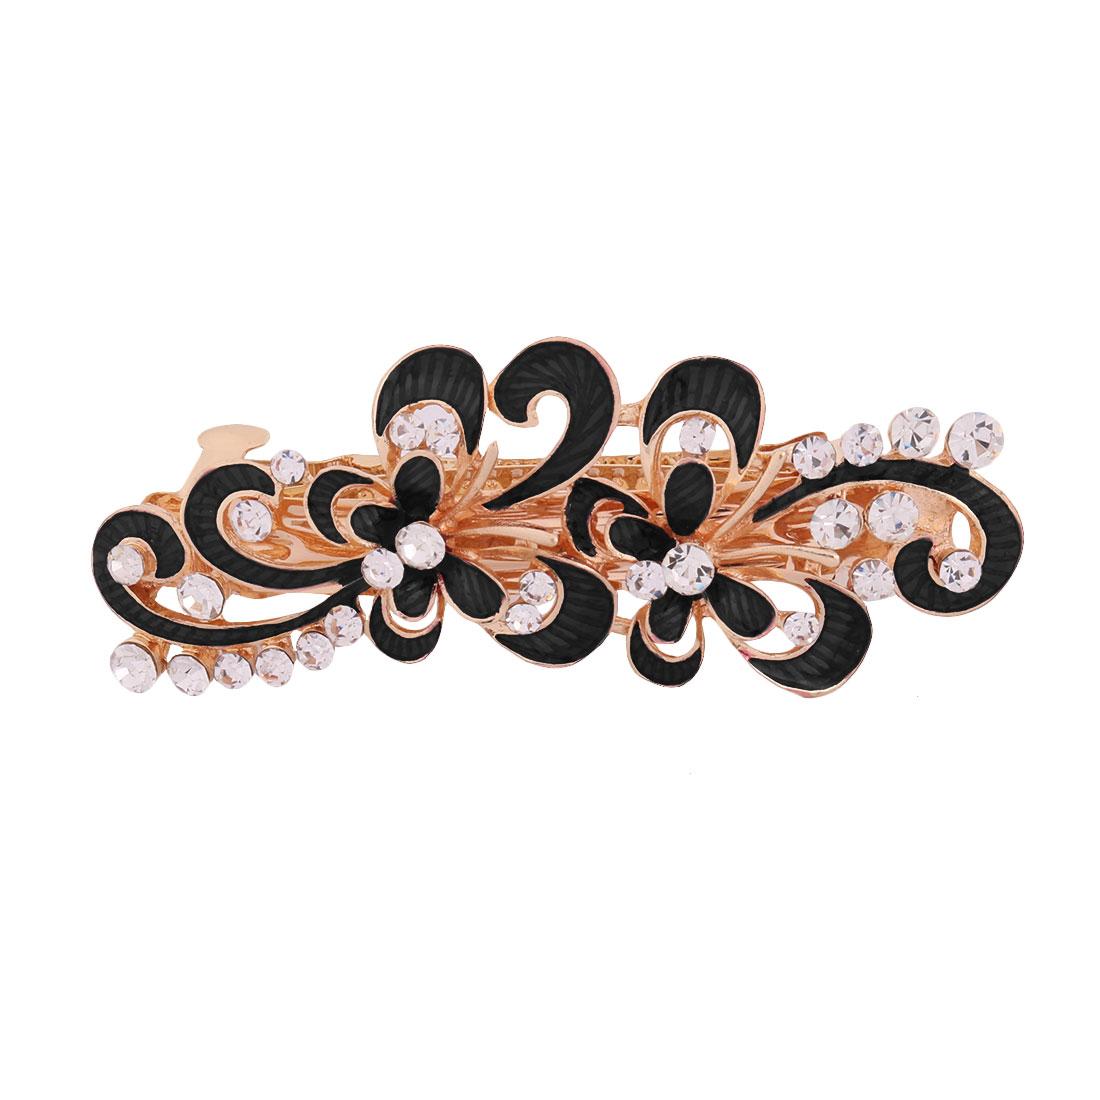 Ladies Metal Flower Design Faux Rhinestones Inlaid Hairstyle Hair Clip Black